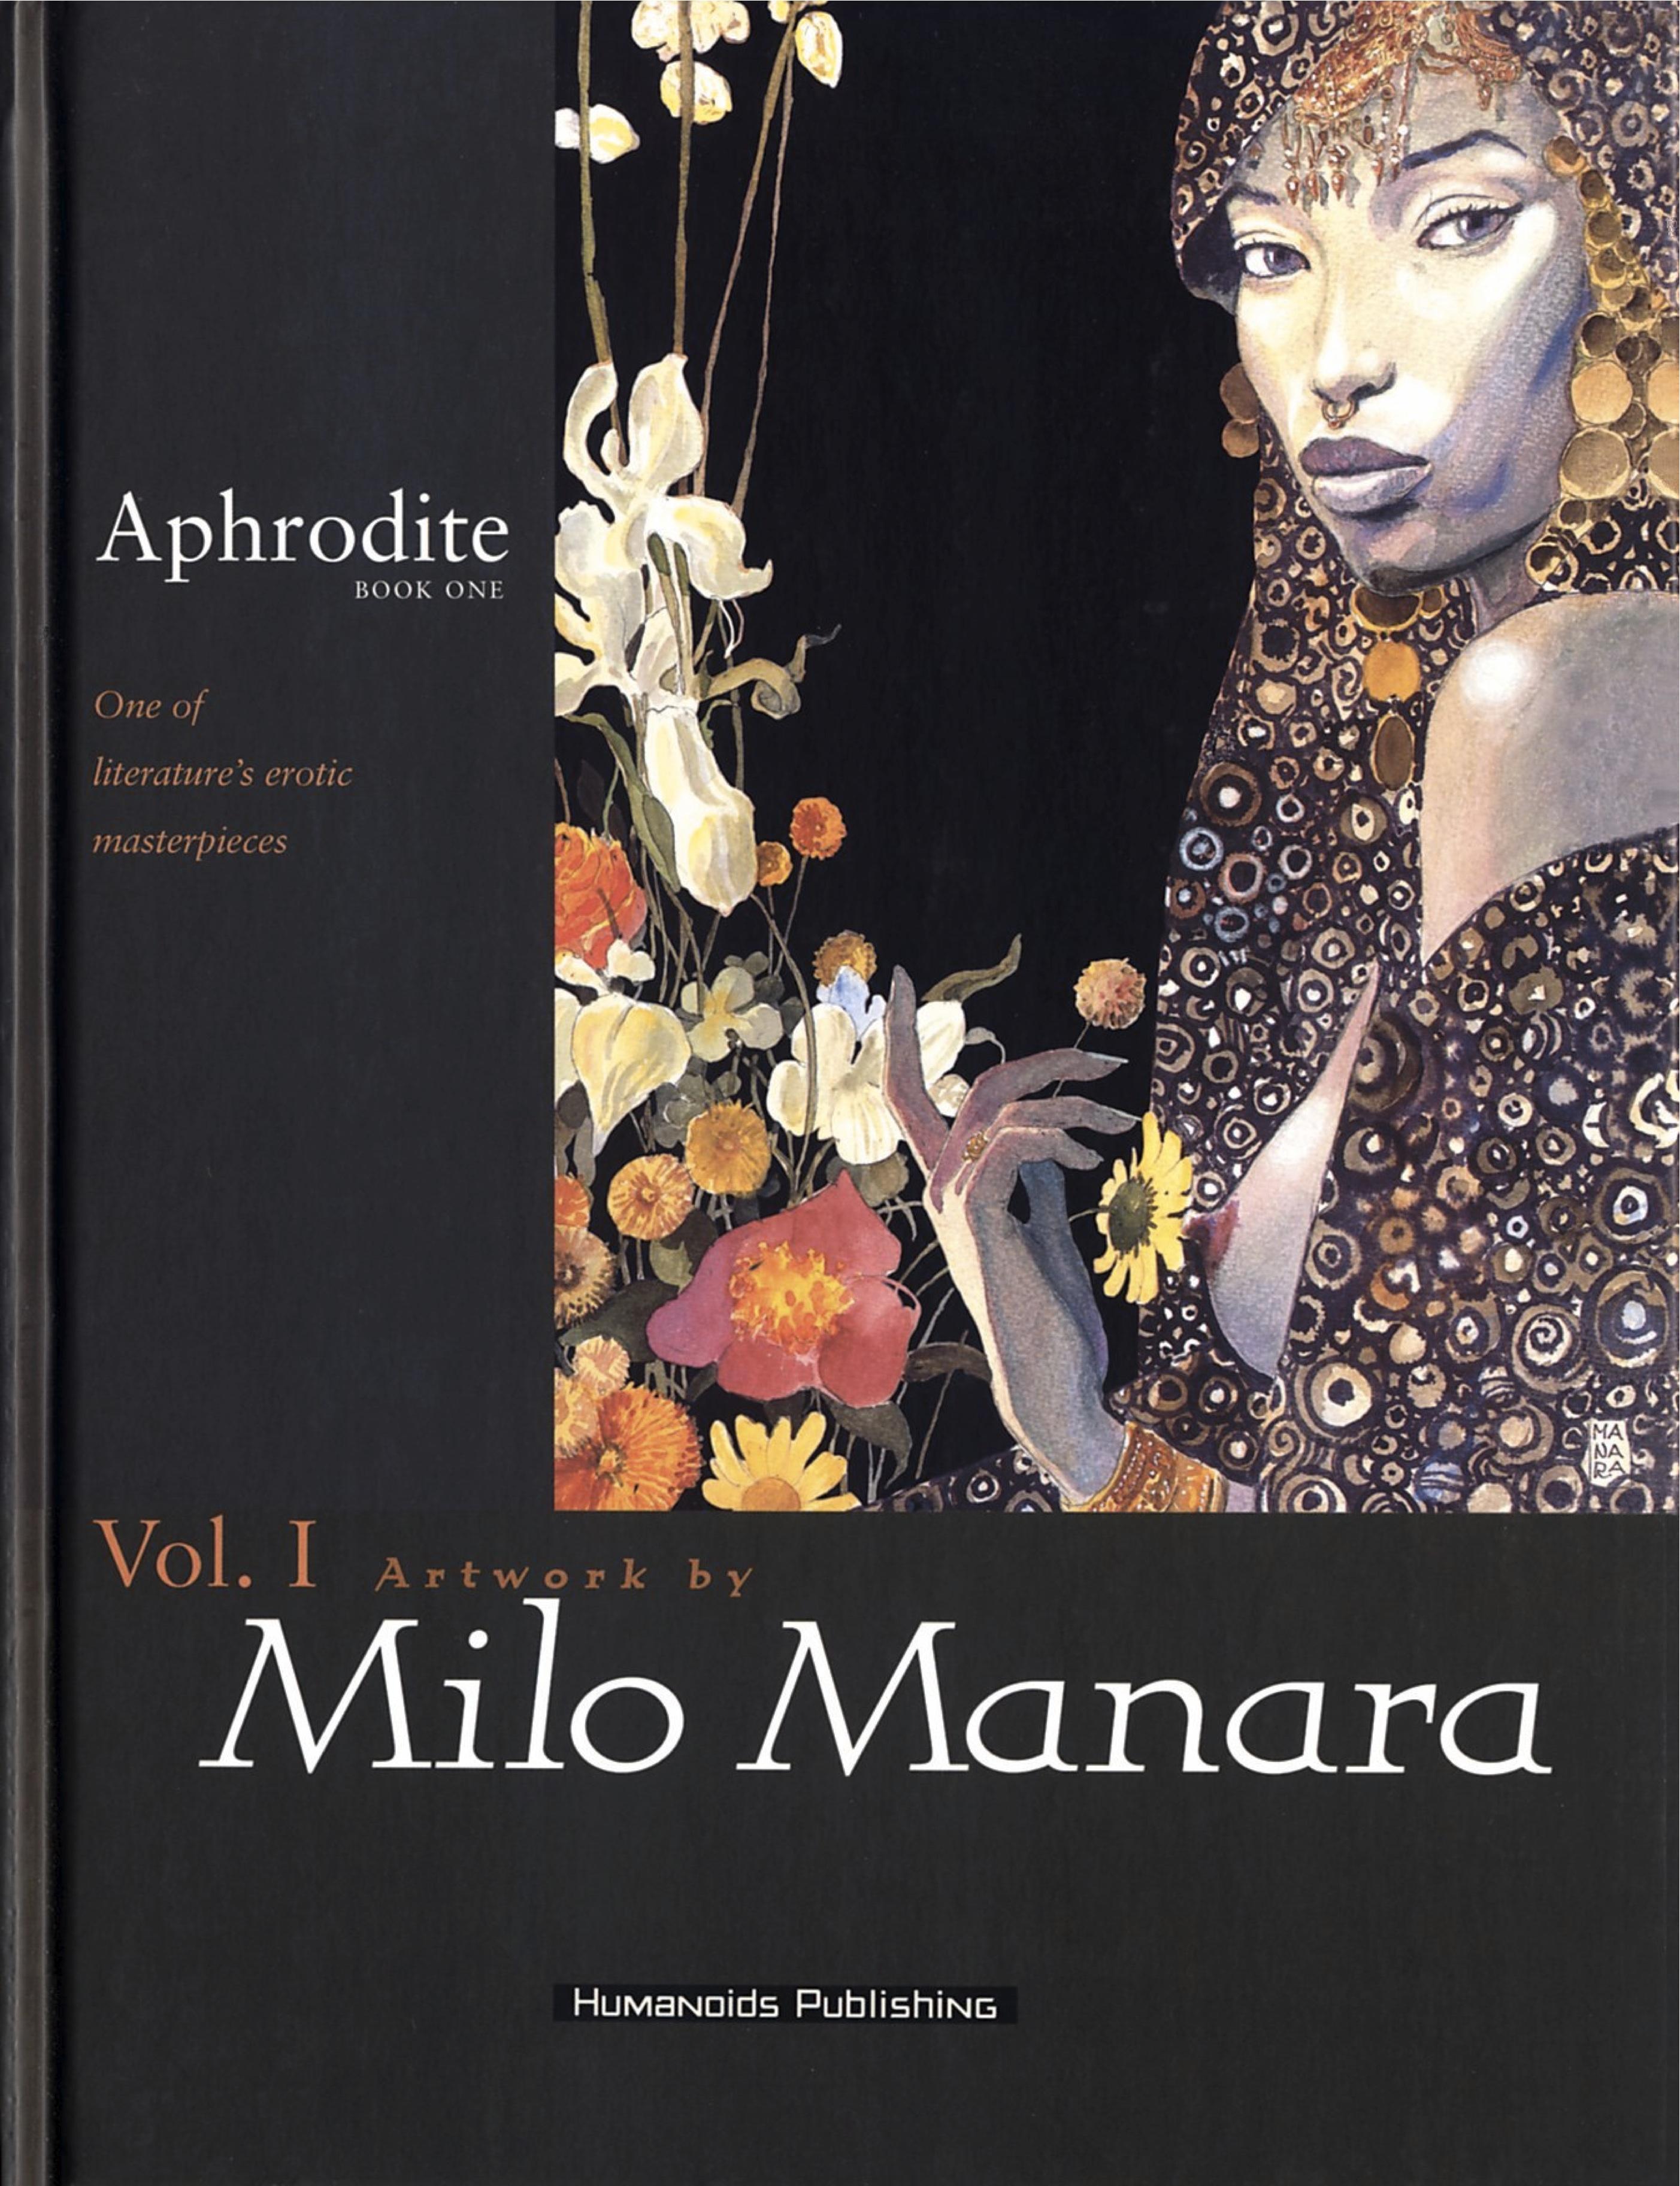 Aphrodite, Vol. 1